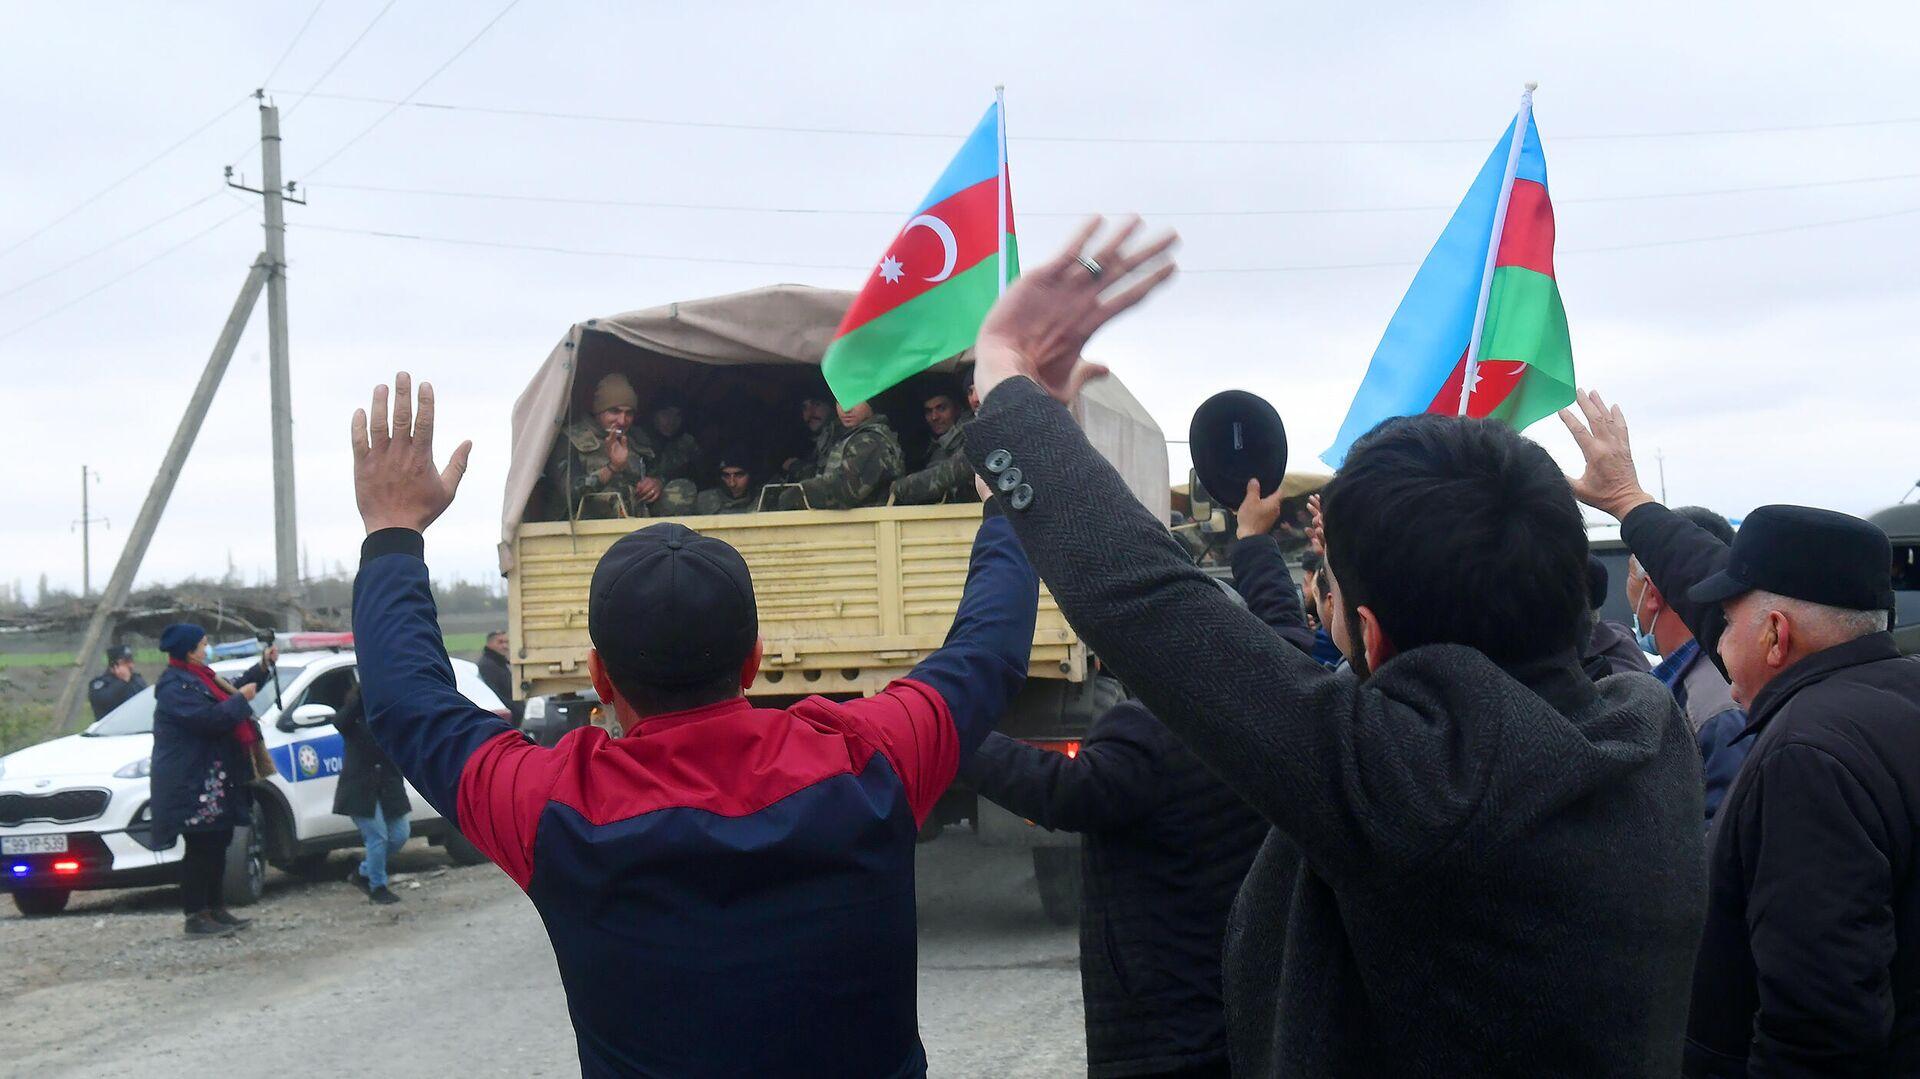 Люди встречают подразделения азербайджанской армии в Агдамском районе - РИА Новости, 1920, 23.11.2020